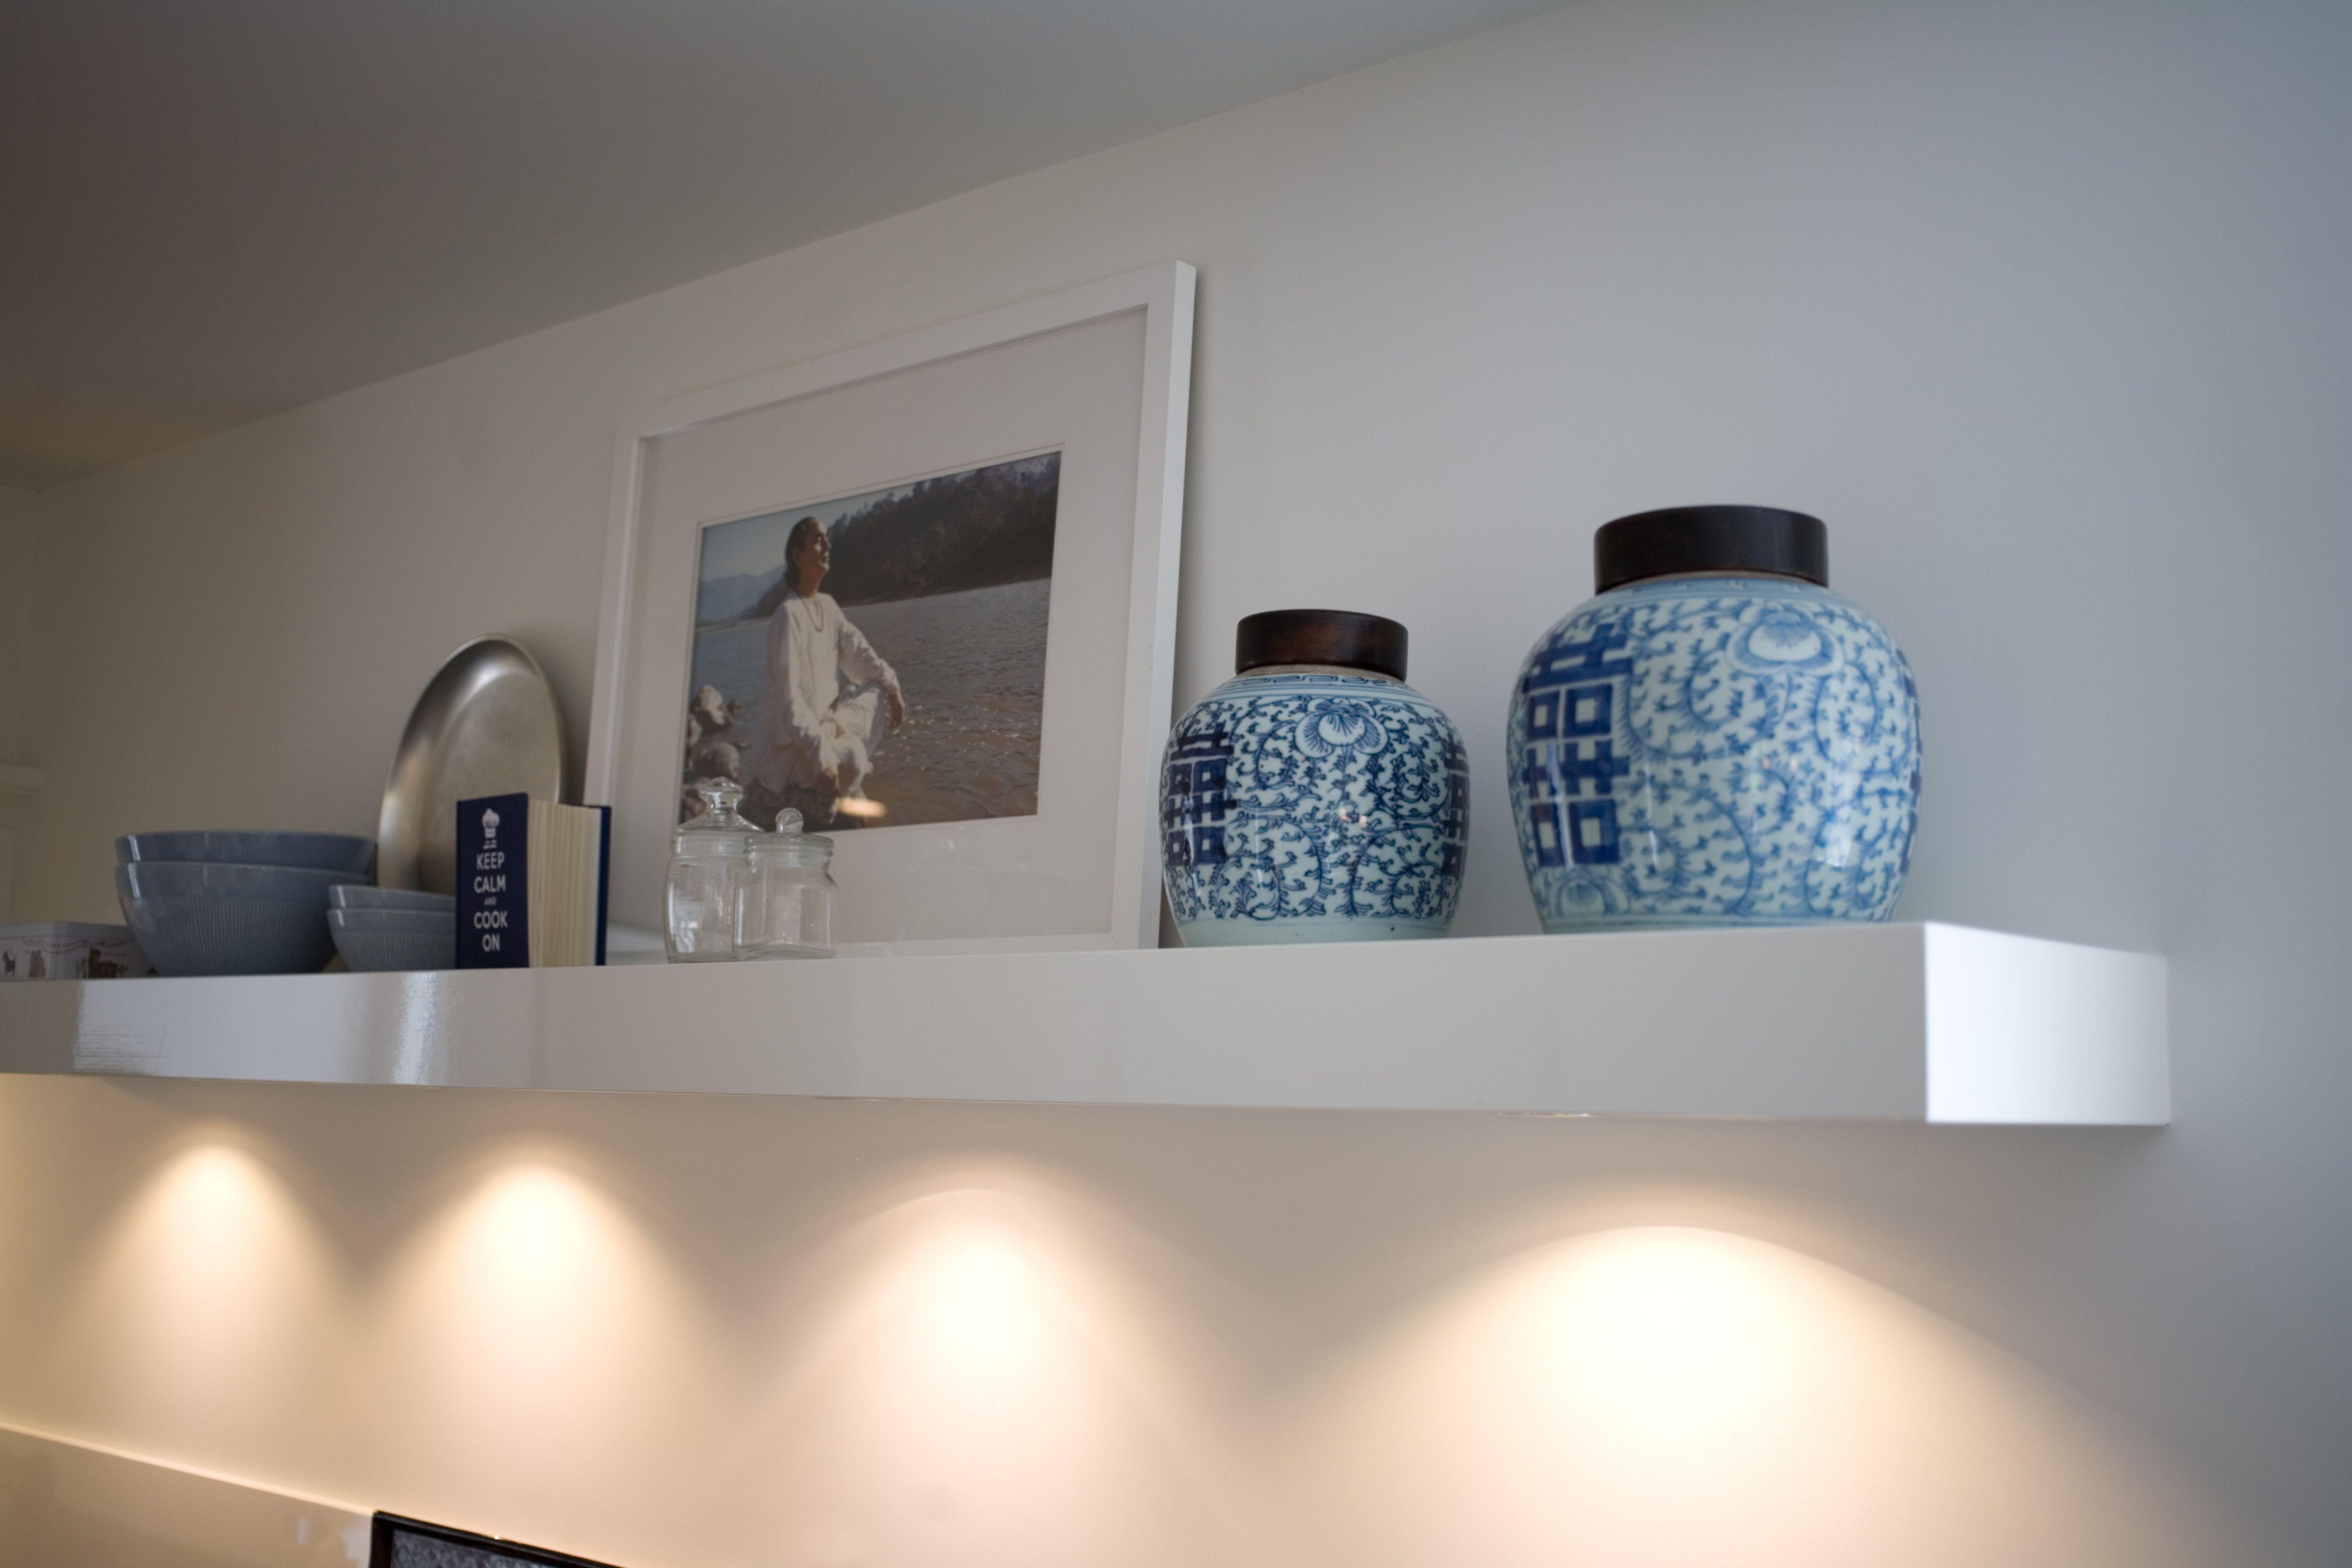 Inbouwspots toegepast in wandplank in keuken  www pieterdeboer com   PdB Verlichting   Pinterest